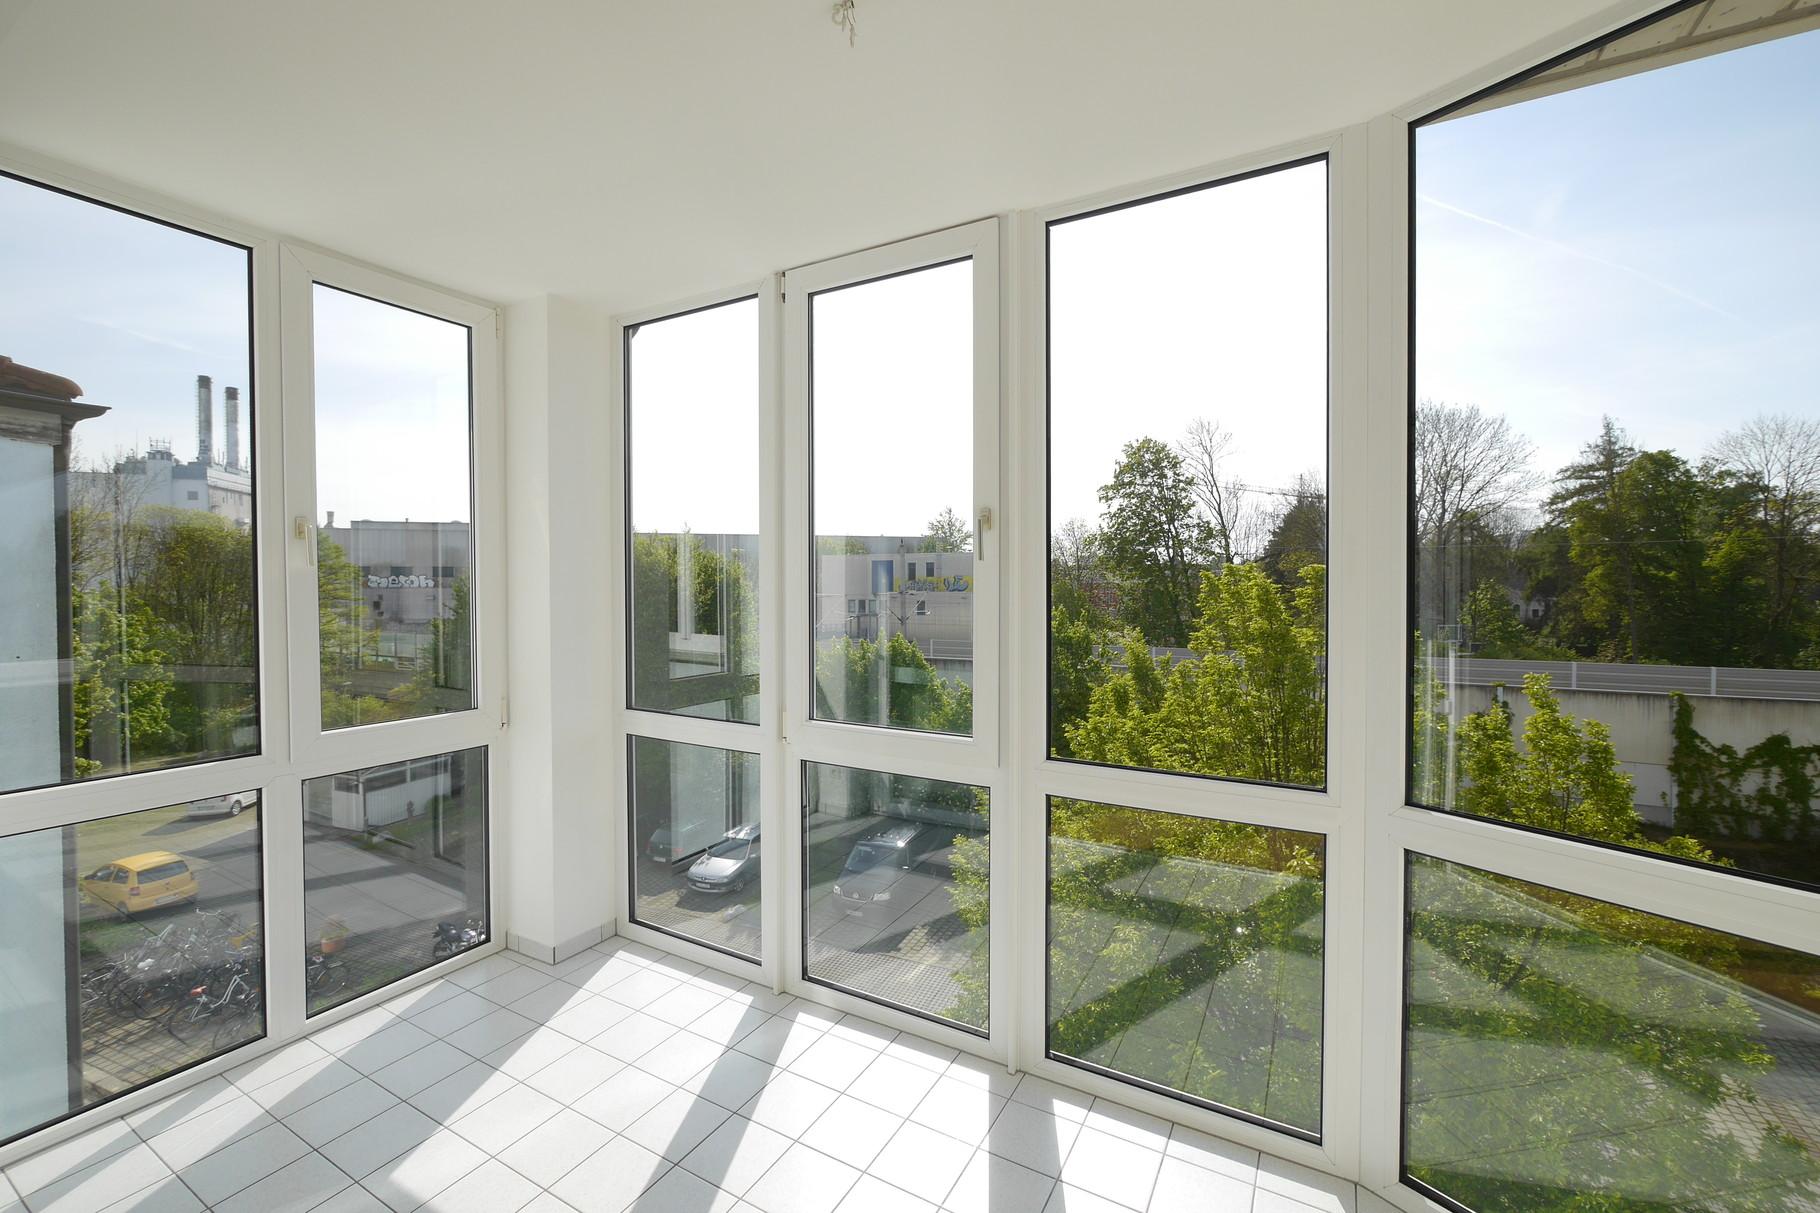 1,5-Zimmer-Galerie-Wohnung in 85221 Dachau